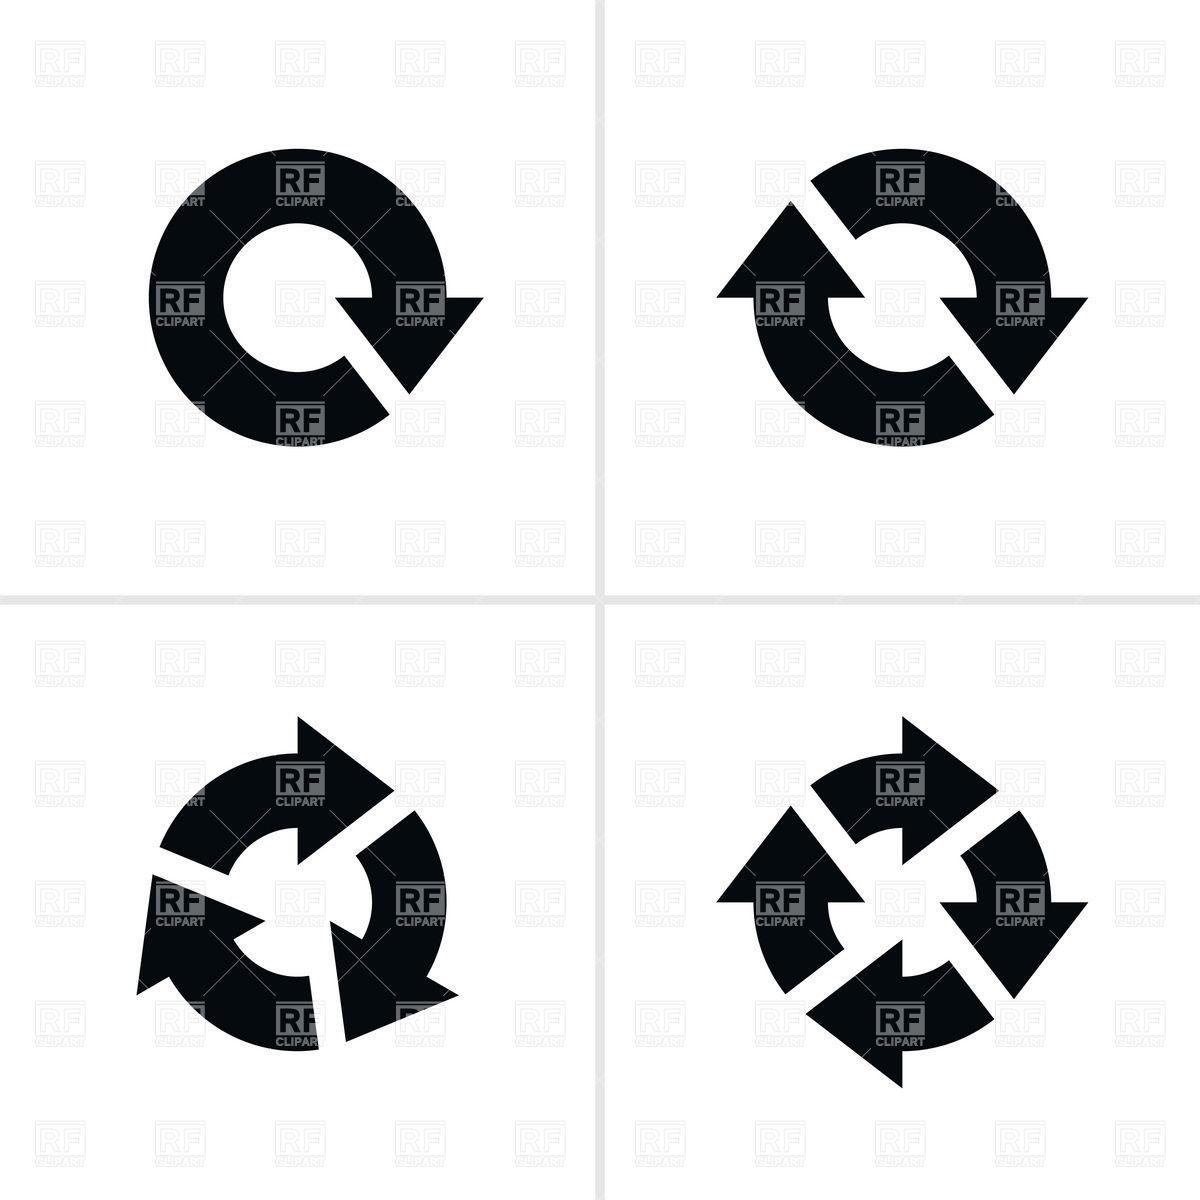 1200x1200 Simple Black Circular Arrows Vector Image Vector Artwork Of